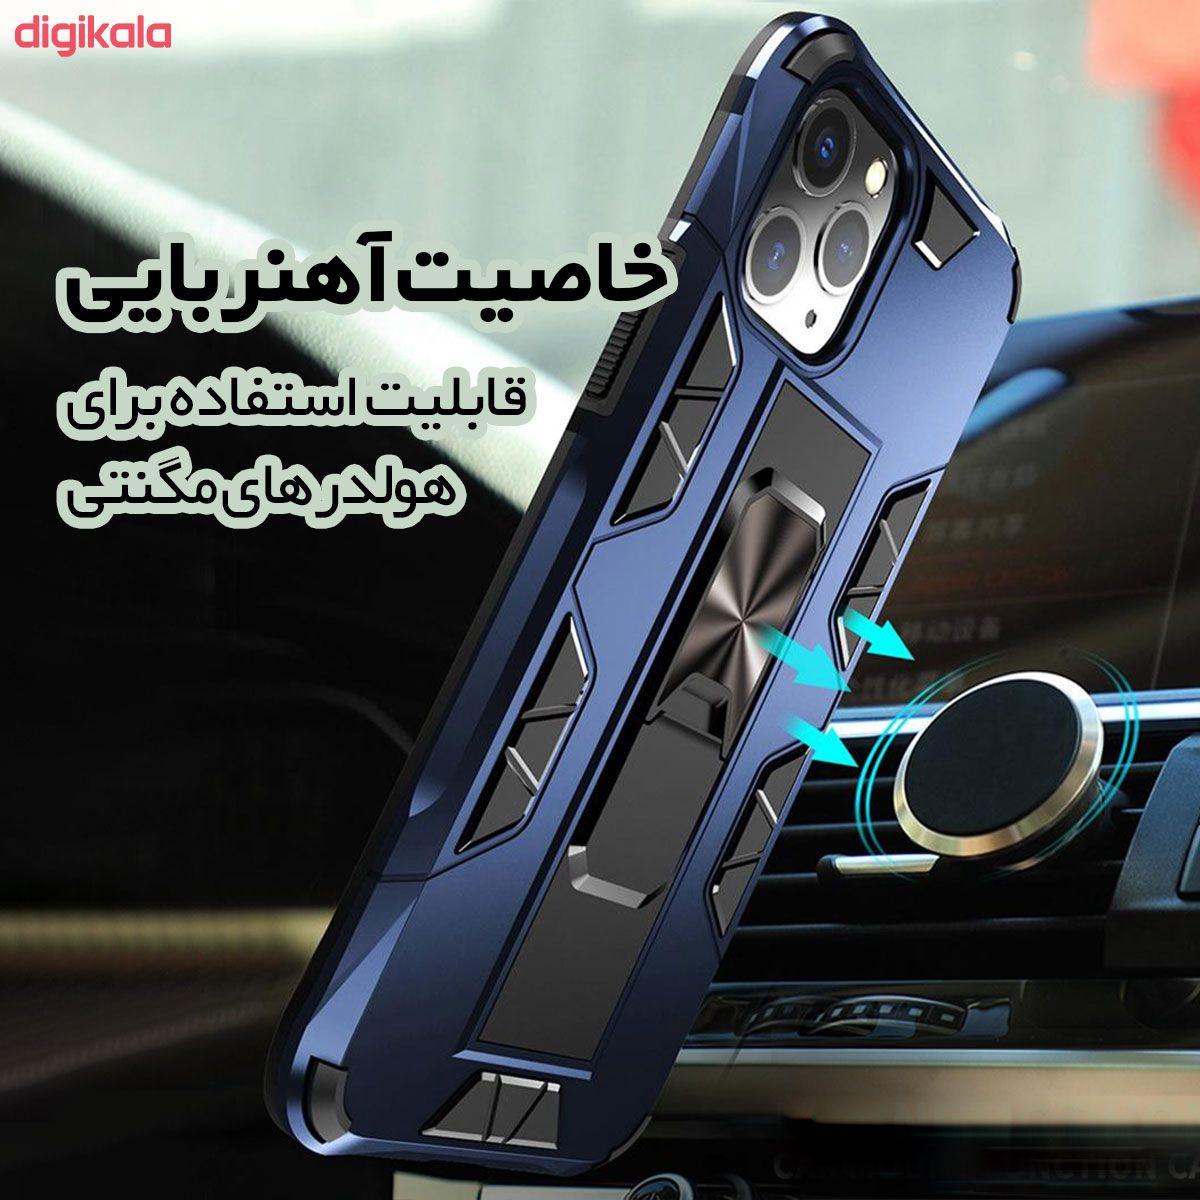 کاور لوکسار مدل Defence90s مناسب برای گوشی موبایل اپل iPhone 11 Pro main 1 6